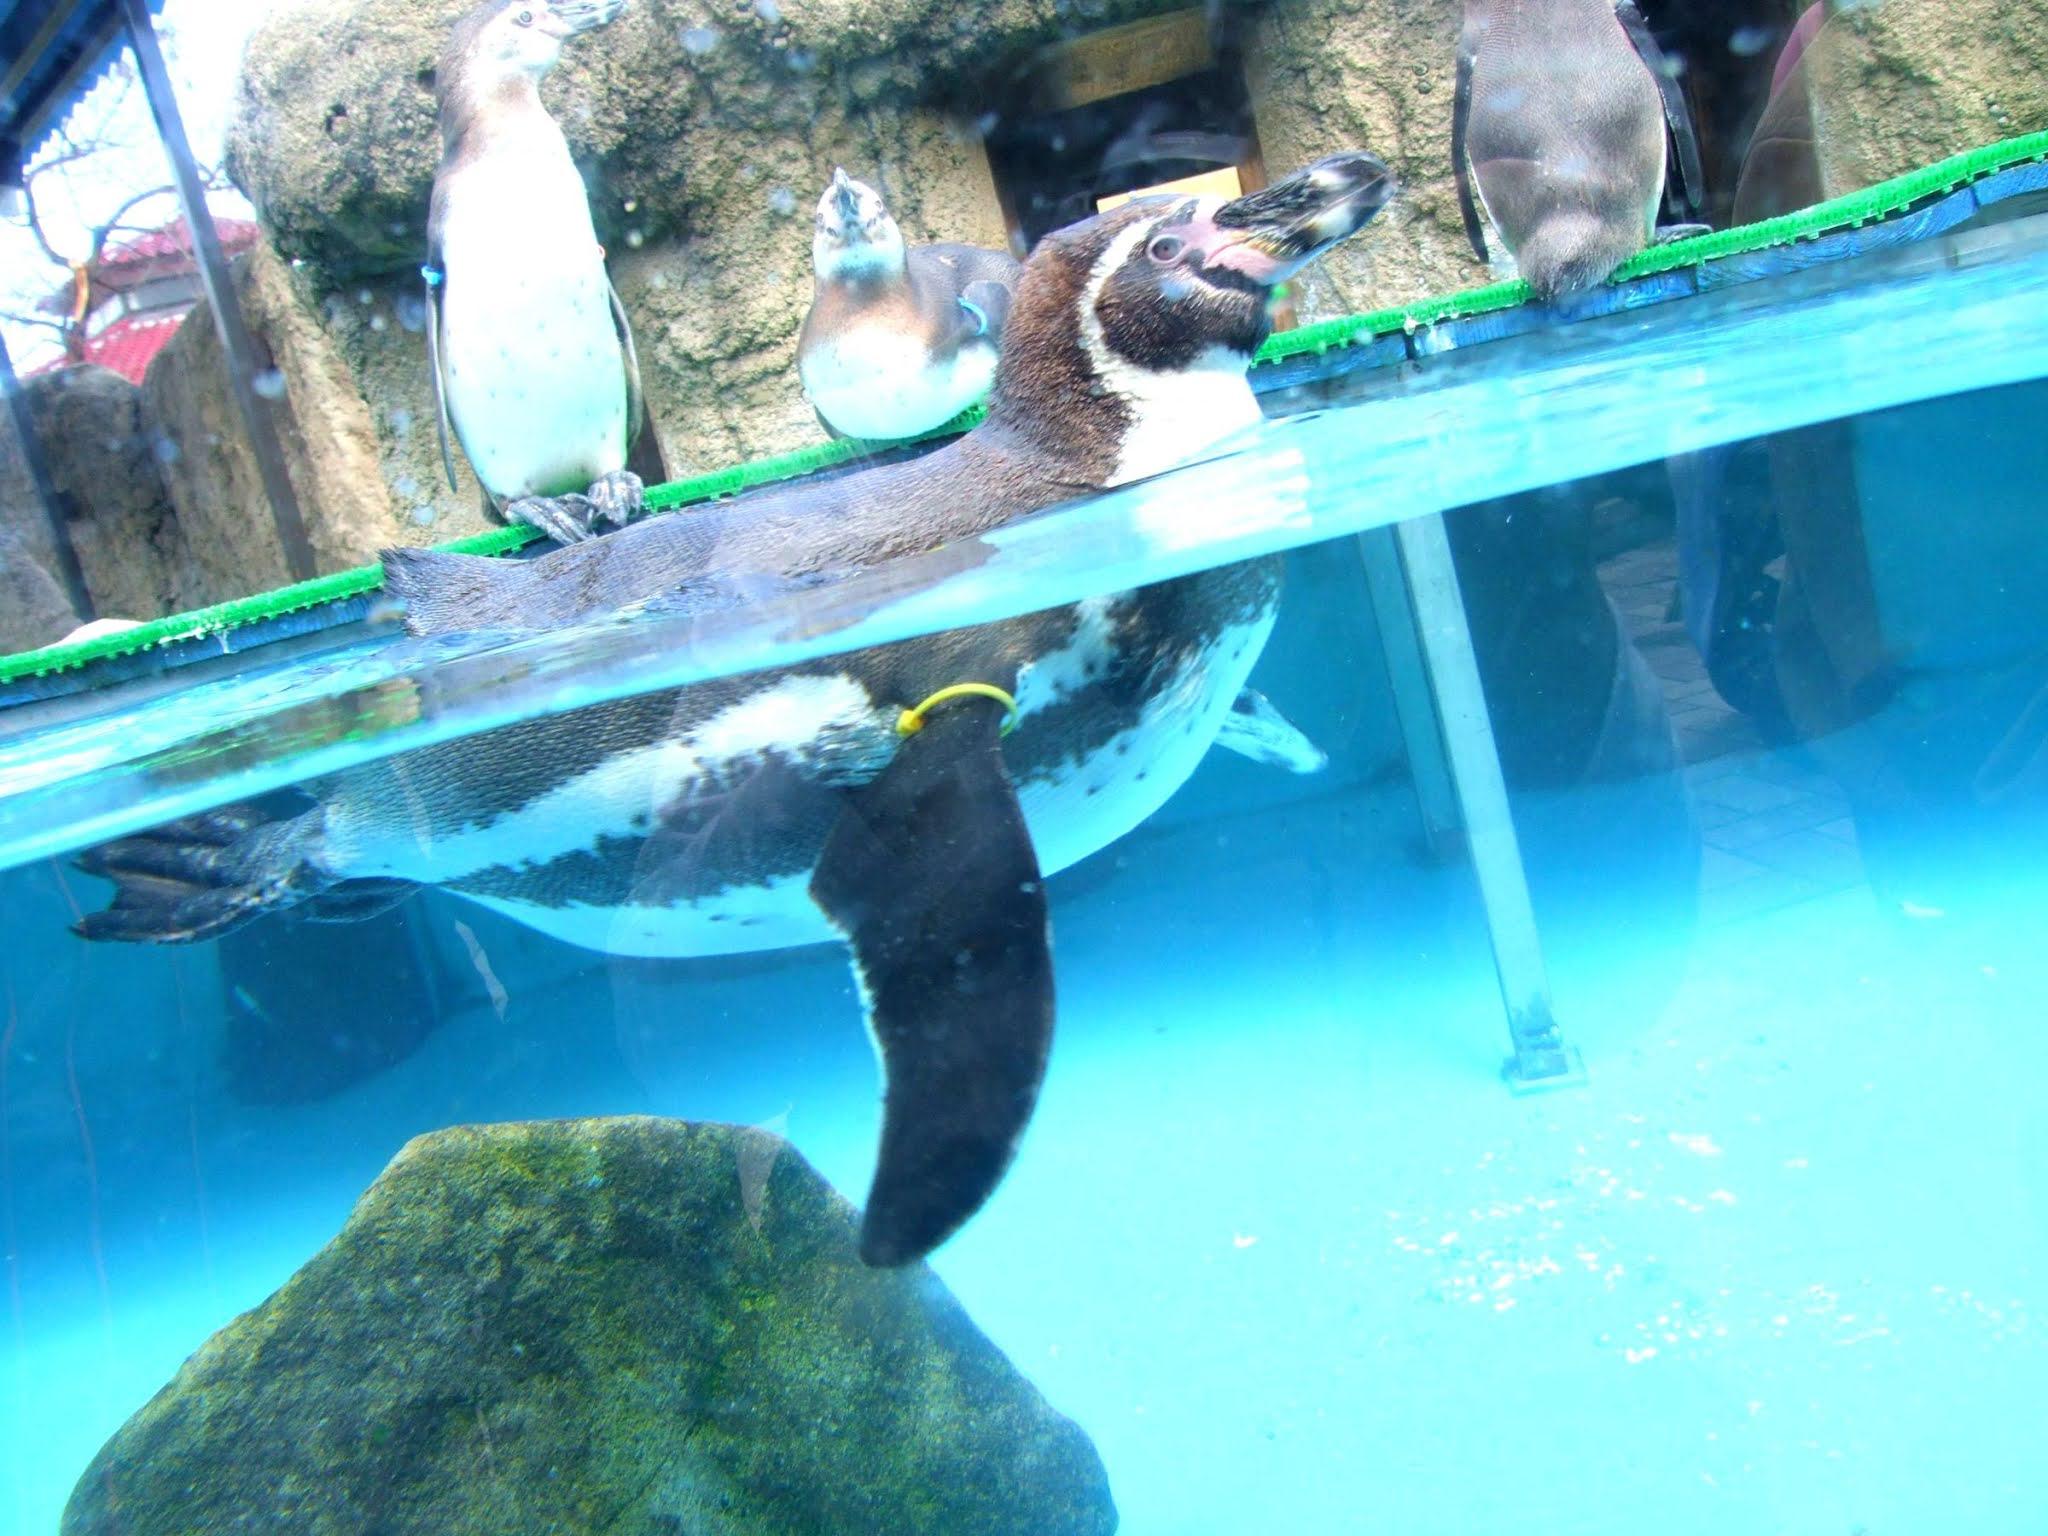 キレイなシアン色のプールの中を涼しげに泳いでいる可愛いペンギンさんの写真素材です。夏向けにオススメです。